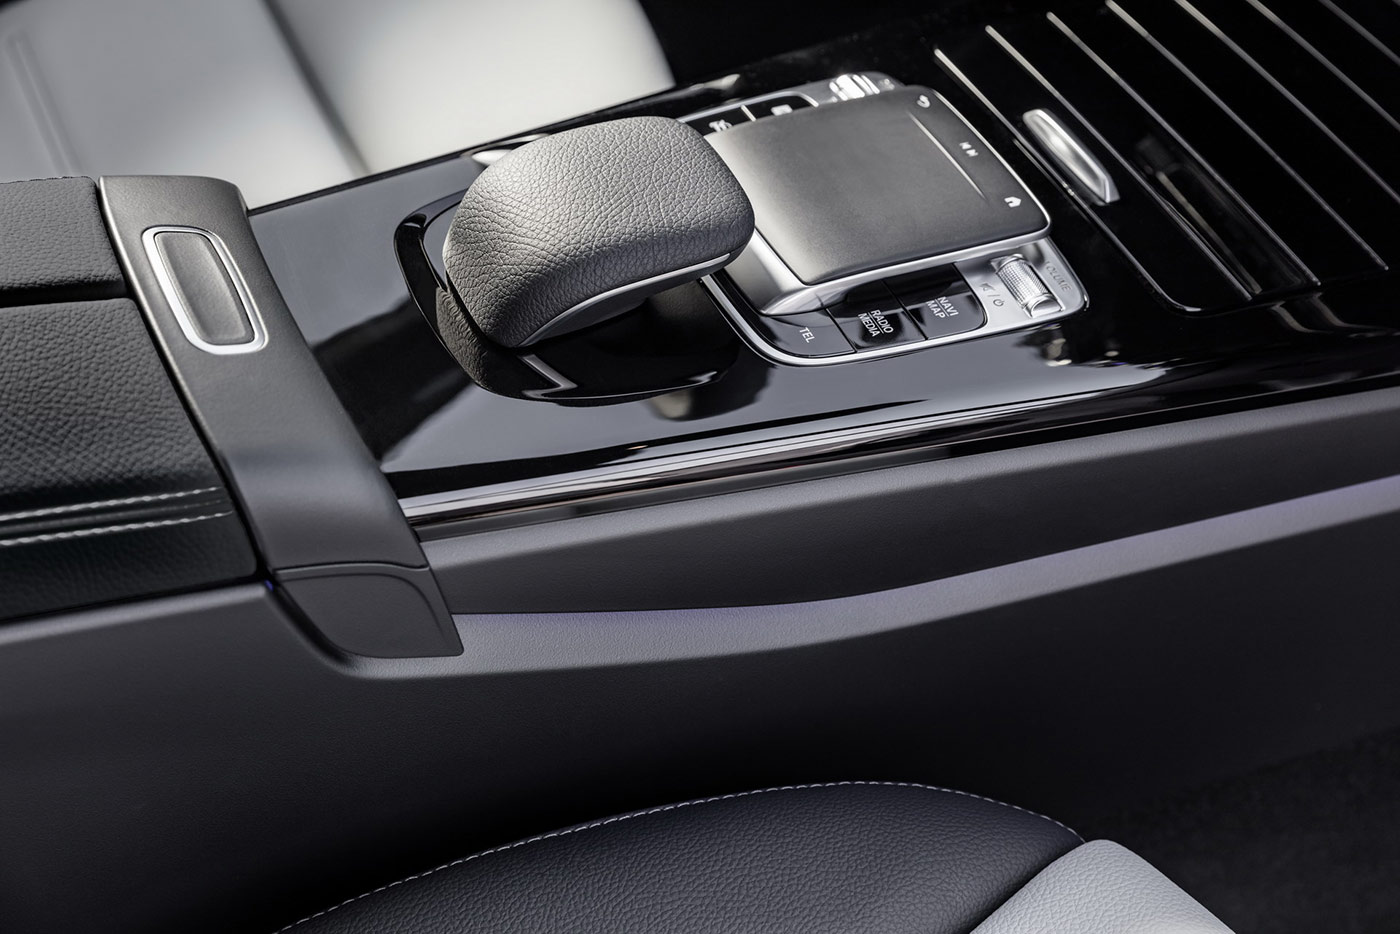 2019-mercedes-benz-a-class-hatch-24.jpg